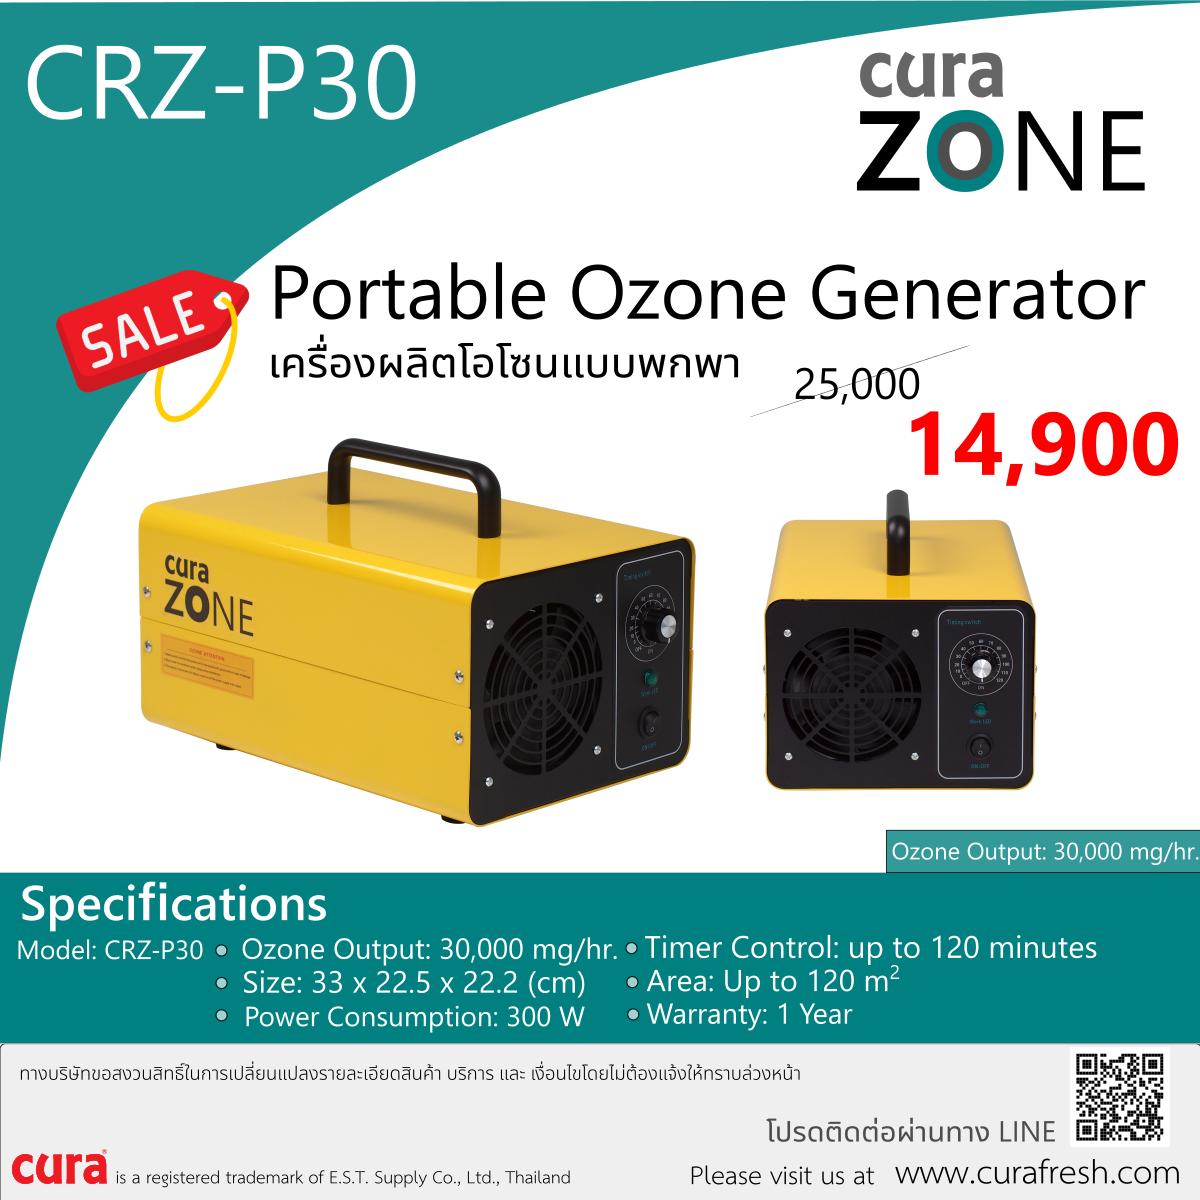 โปรโมชั่นพิเศษเครื่องผลิต Ozone ยี่ห้อ CURA zone รุ่น CRZ-P30 เป็นเครื่องผลิตโอโซนสำหรับพกพา มีประสิทธิภาพในการกำจัดเชื้อจุลินทรีย์ เชื้อโรค แบคทีเรีย ไวรัส เชื้อราช่วยแก้ปัญหากลิ่นเหม็นอับ ช่วยกำจัดสารเคมีตกค้าง และช่วยป้องกันยับยั้งการระบาดของเชื้อโรค